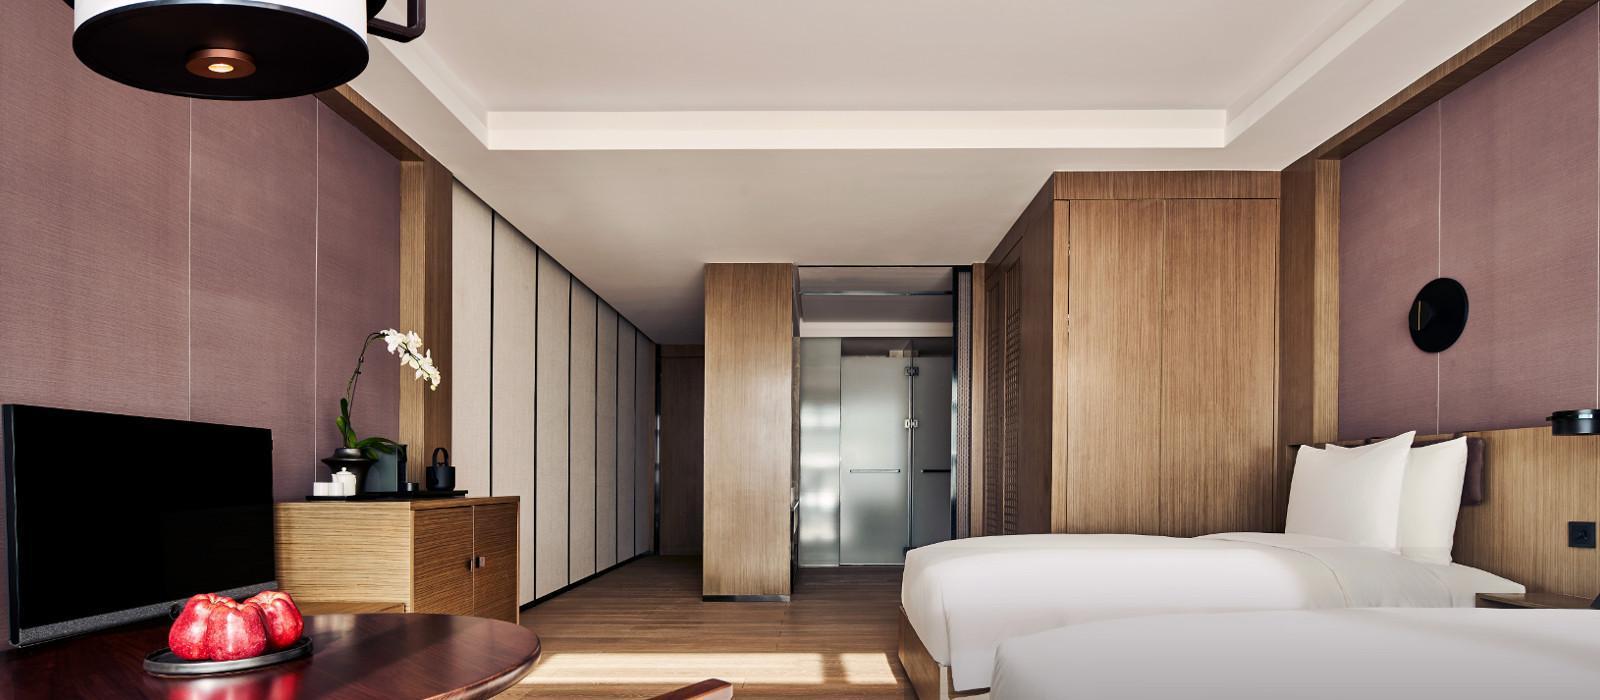 璞瑄酒店(The PuXuan Hotel and Spa)【 北京申博直营现金网中国】 酒店  sbzyxjw.safe27.net